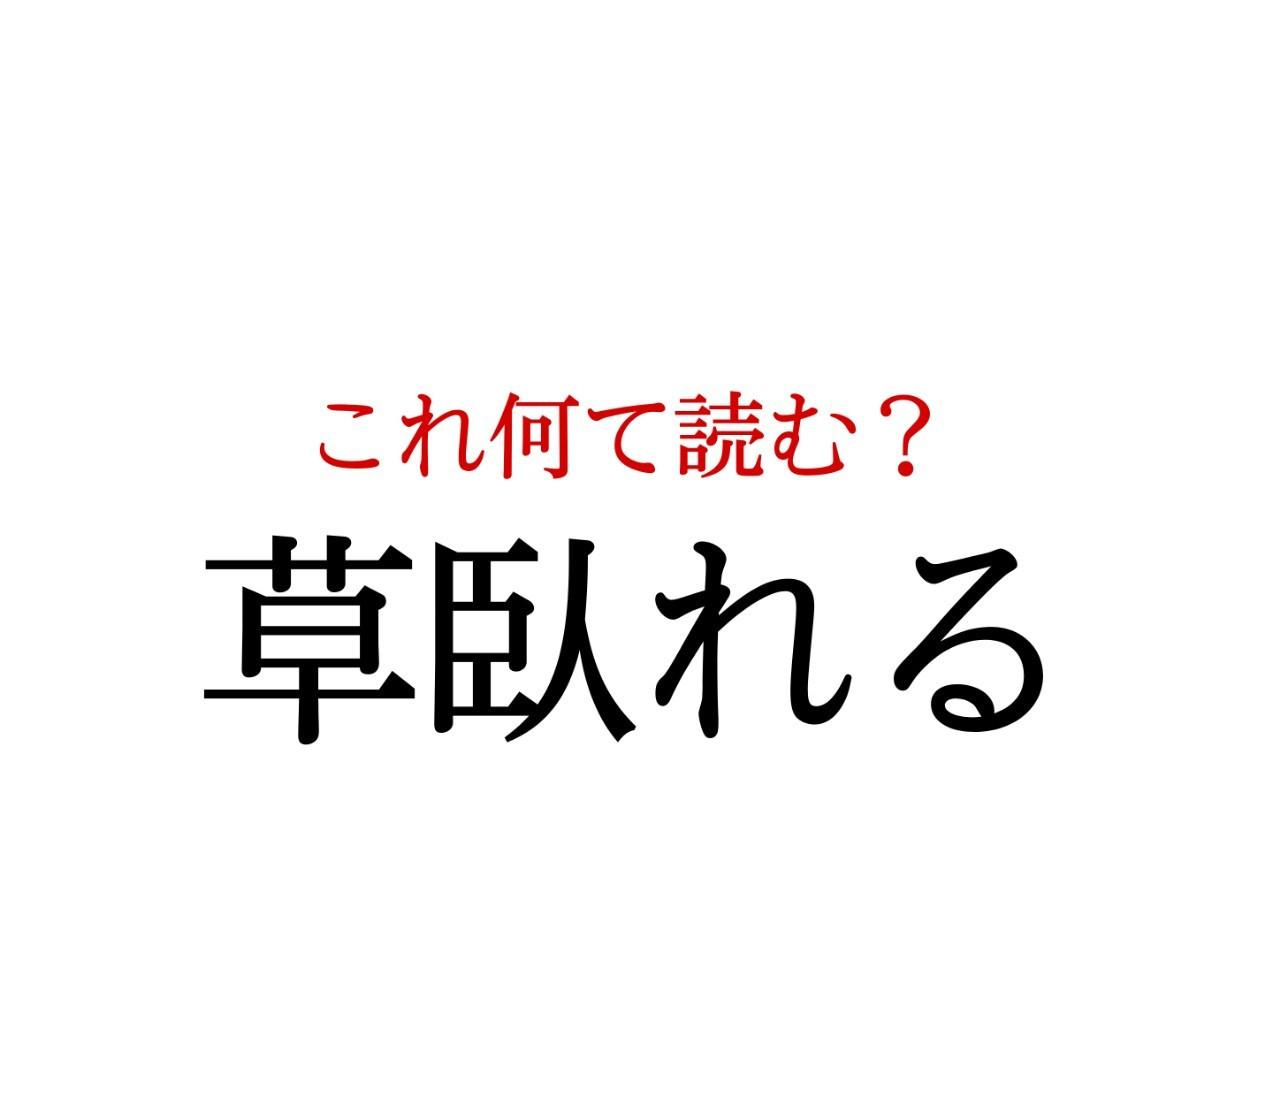 「草臥れる」:この漢字、自信を持って読めますか?【働く大人の漢字クイズvol.93】